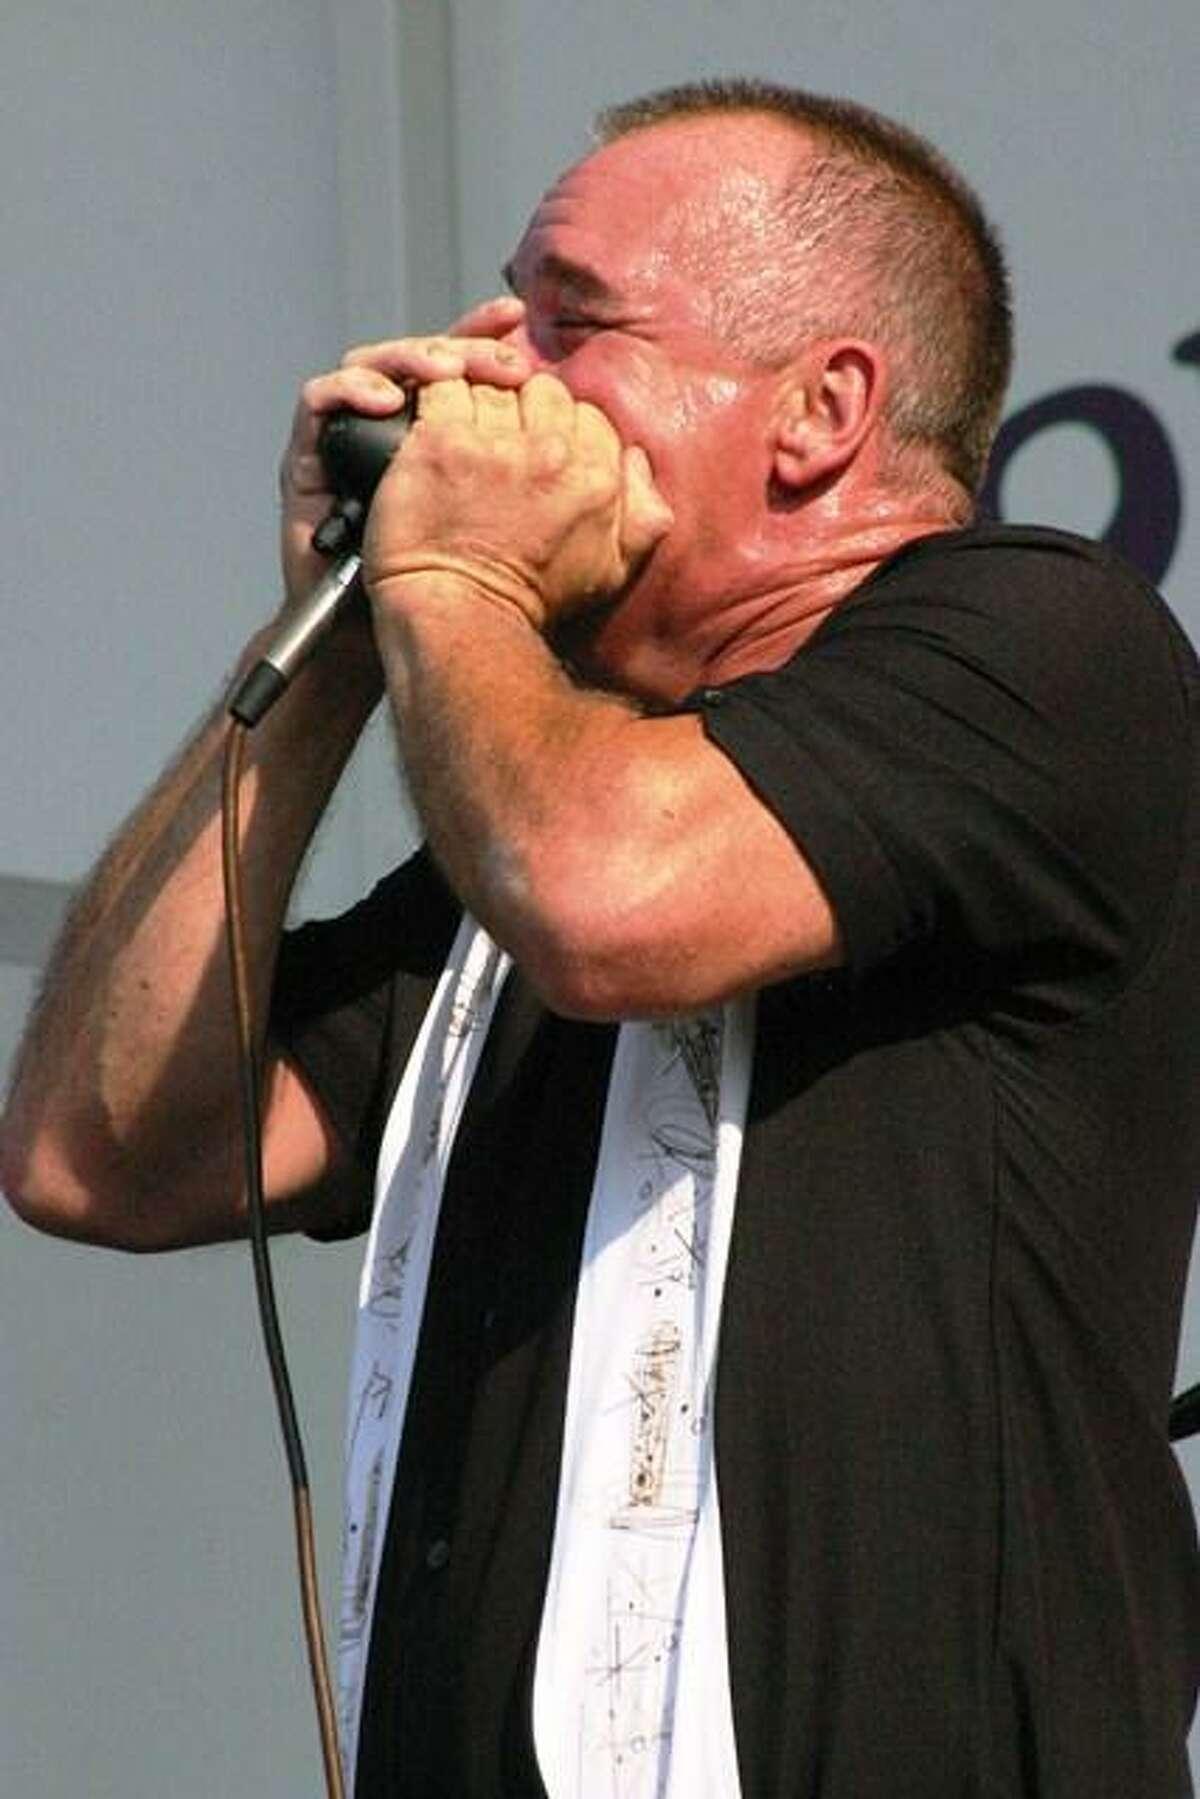 Mike Crandall opens for Devon Allman Saturday at Bridge Street Live.